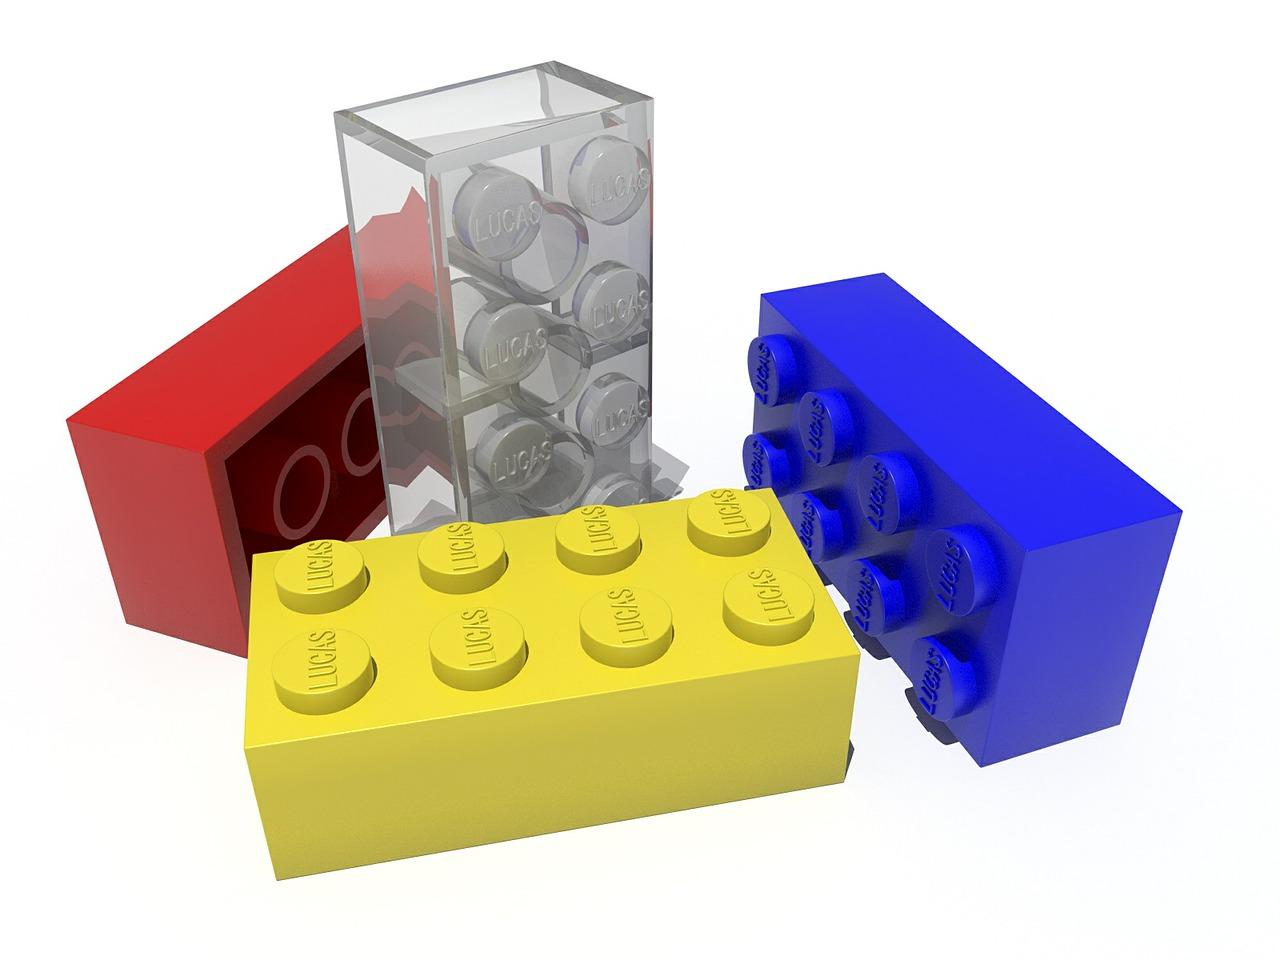 лего, игрушка, конструктор